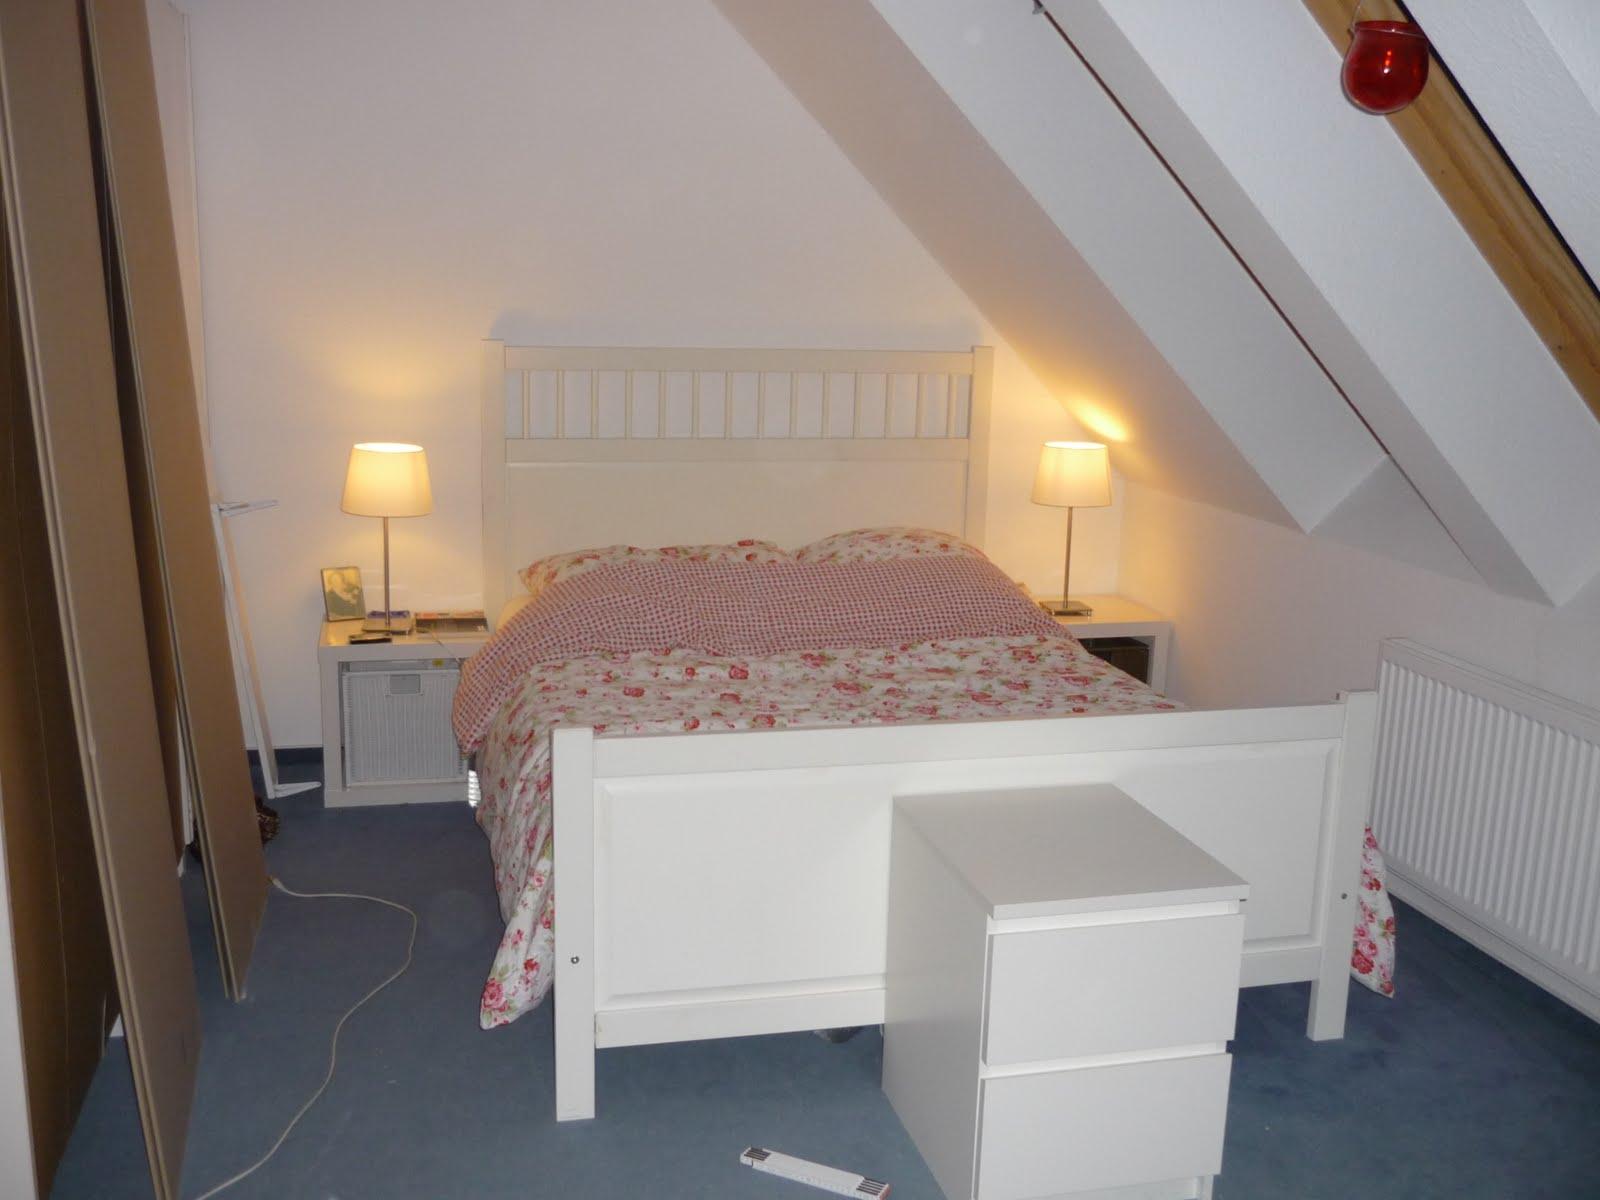 schlafzimmer wohnwand mit bett. Black Bedroom Furniture Sets. Home Design Ideas